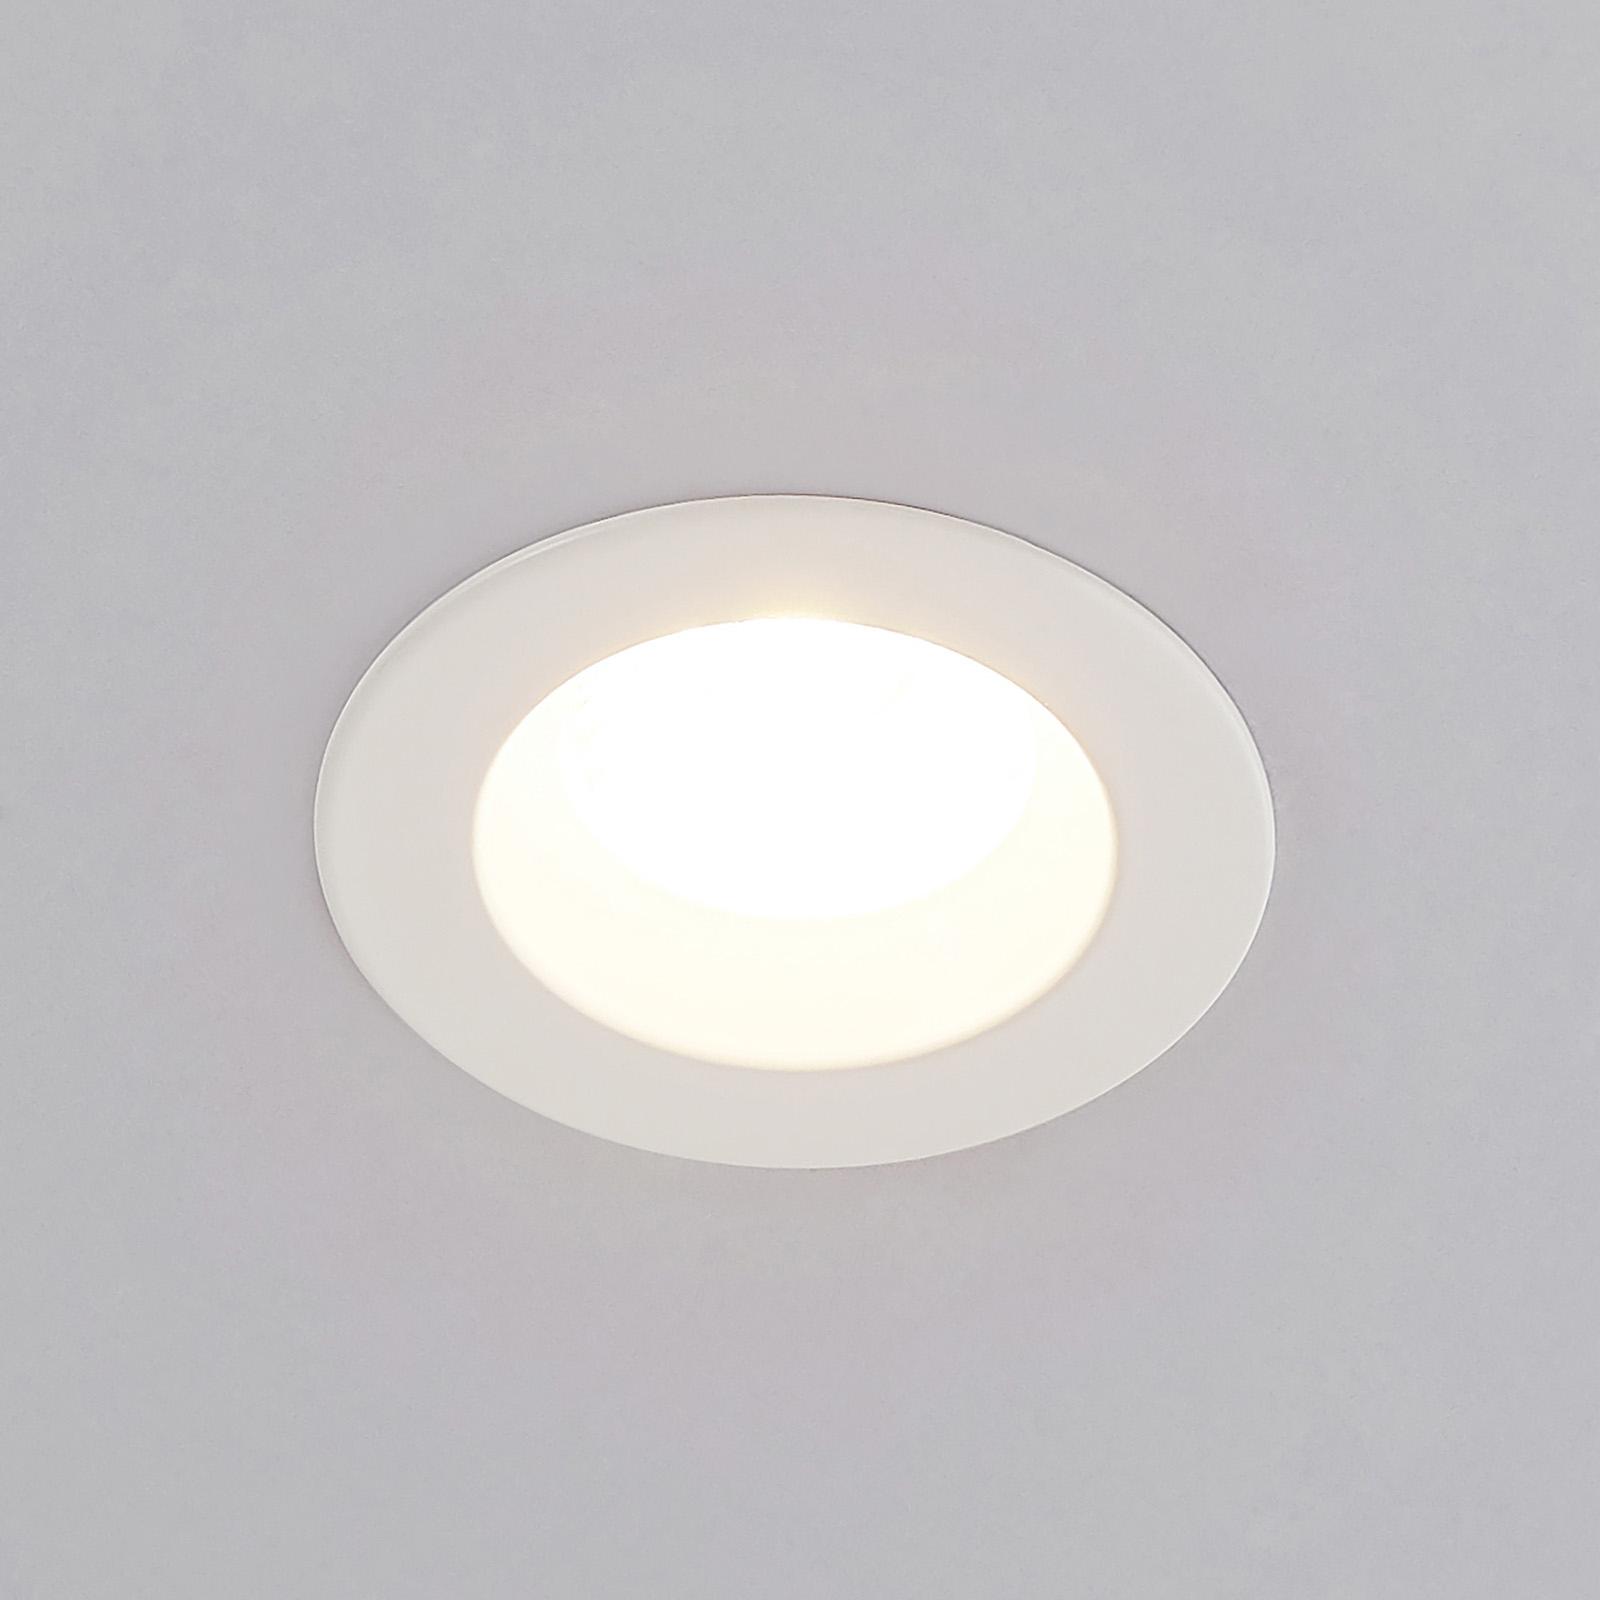 Arcchio Unai - LED-kohdevalo 2700 K IP65, 6,4W